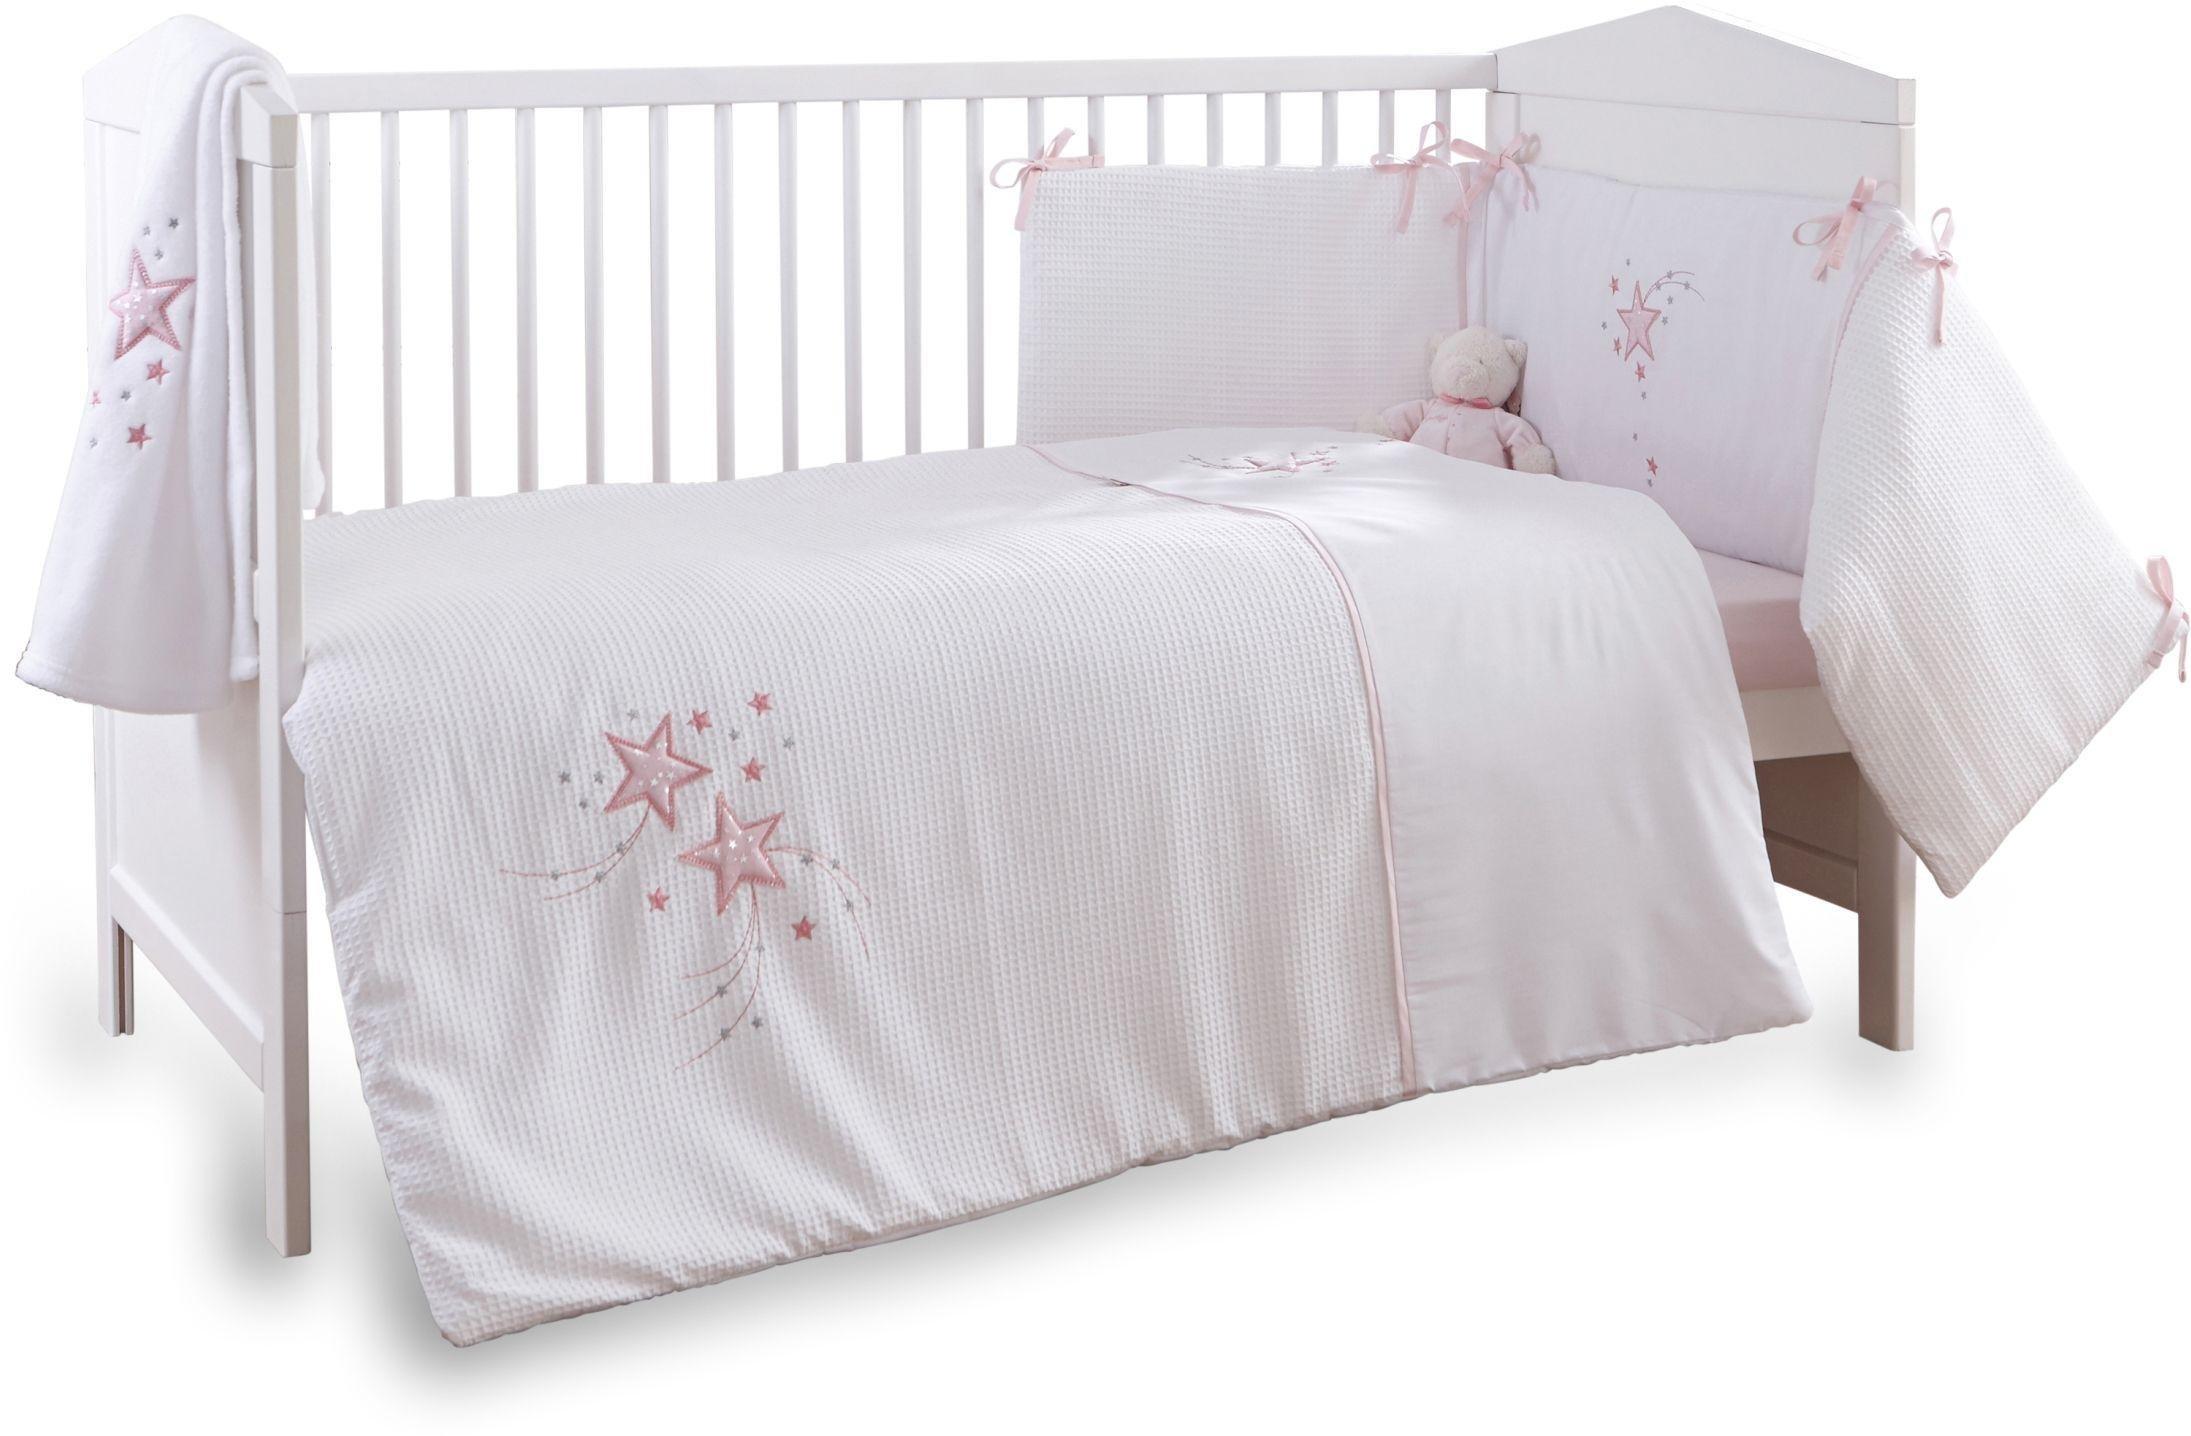 Clair de Lune Stardust 3 Piece Cot/Cot Bed Set - Pink Trim